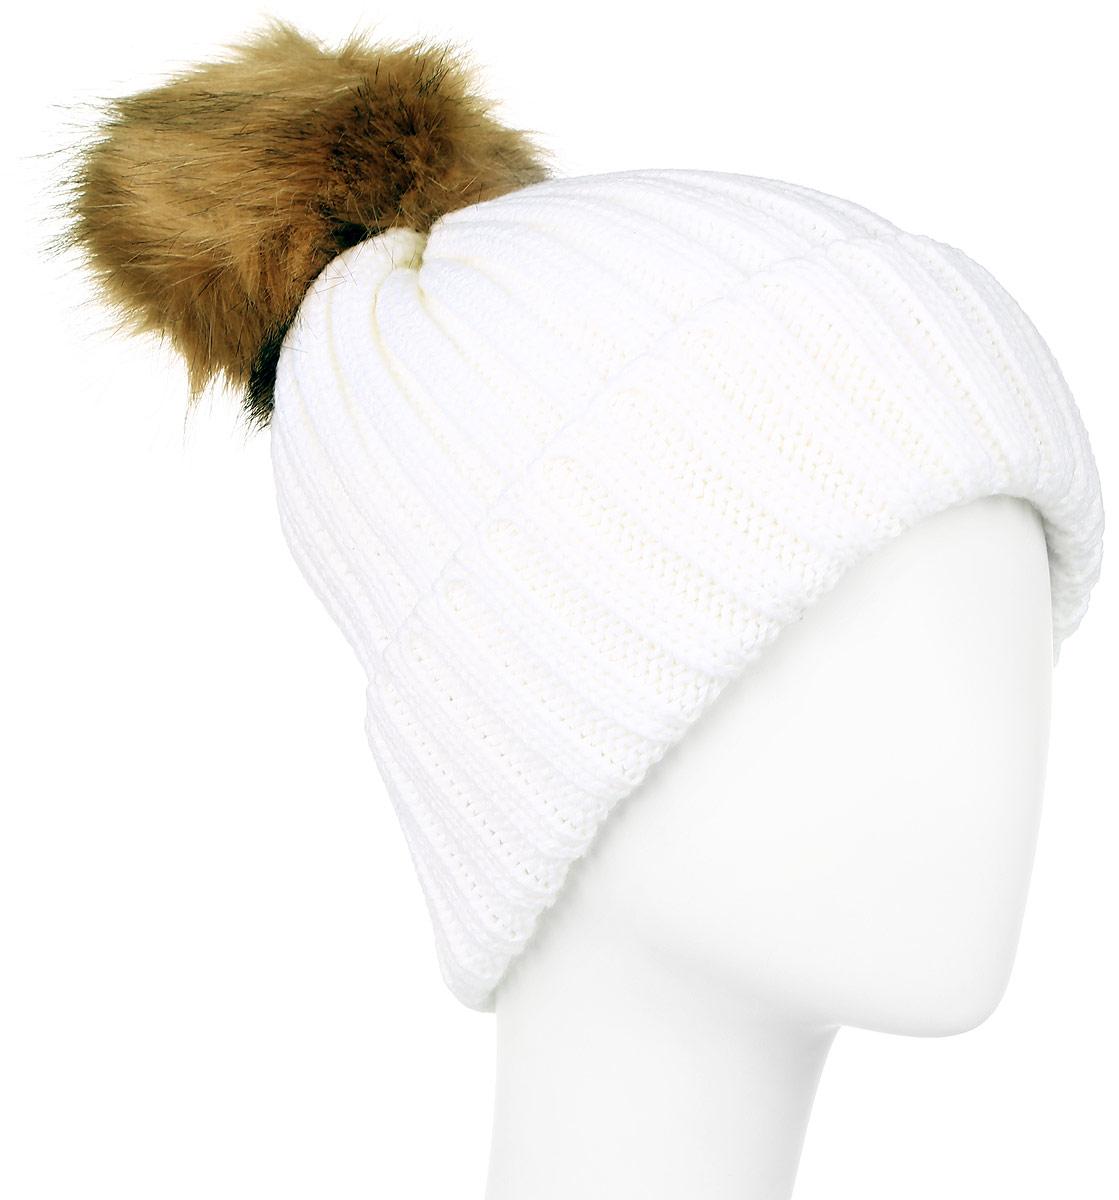 Шапка женская R.Mountain, цвет: молочный. ICE 8518. Размер 54/61 шапка canada goose 5292l 61